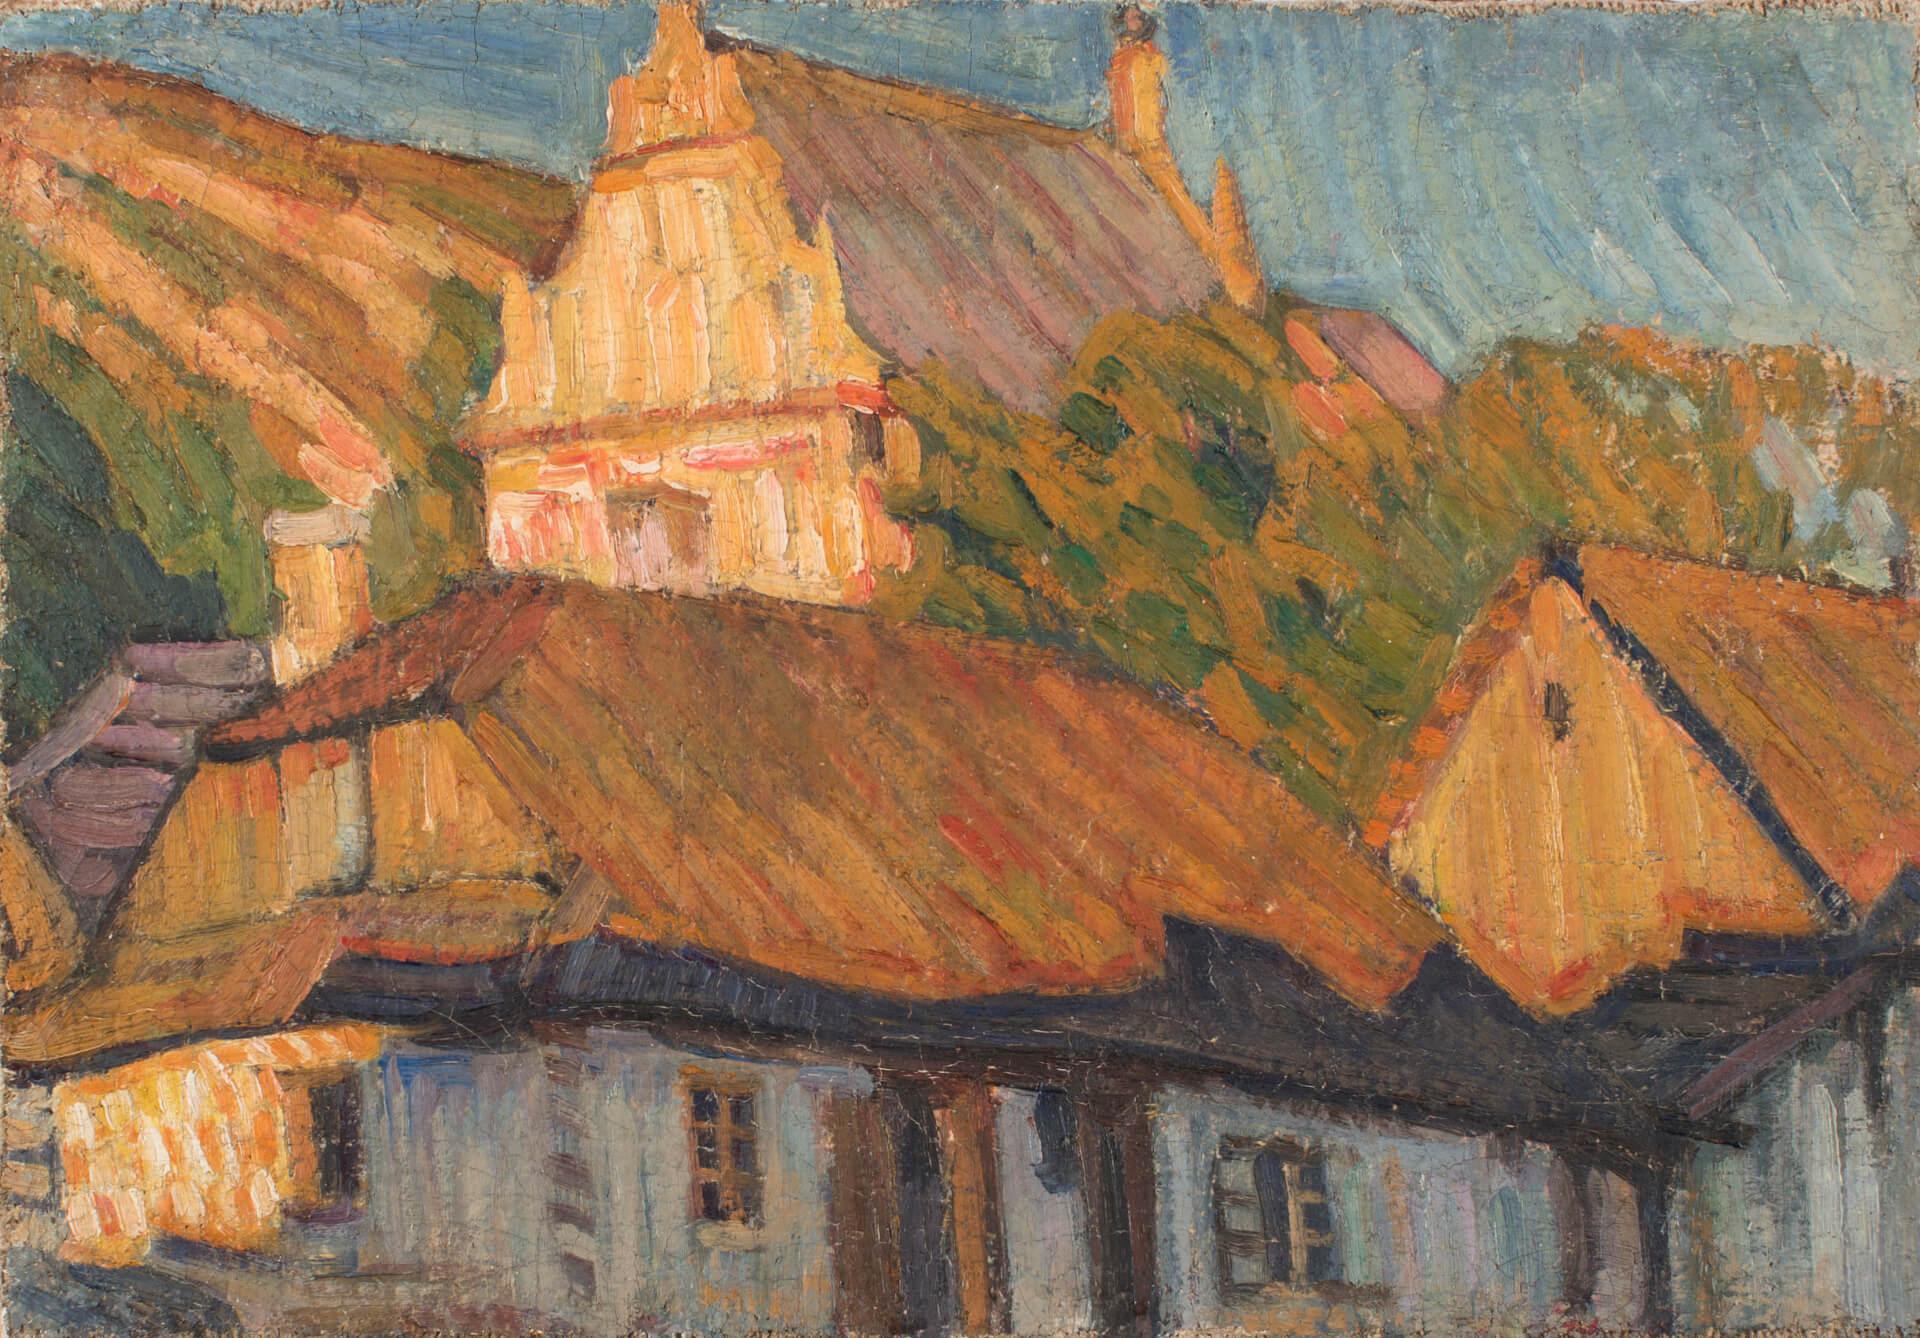 A. Szturman, Motyw z Kazimierza, płótno na płycie, olej, 30x42,5 cm